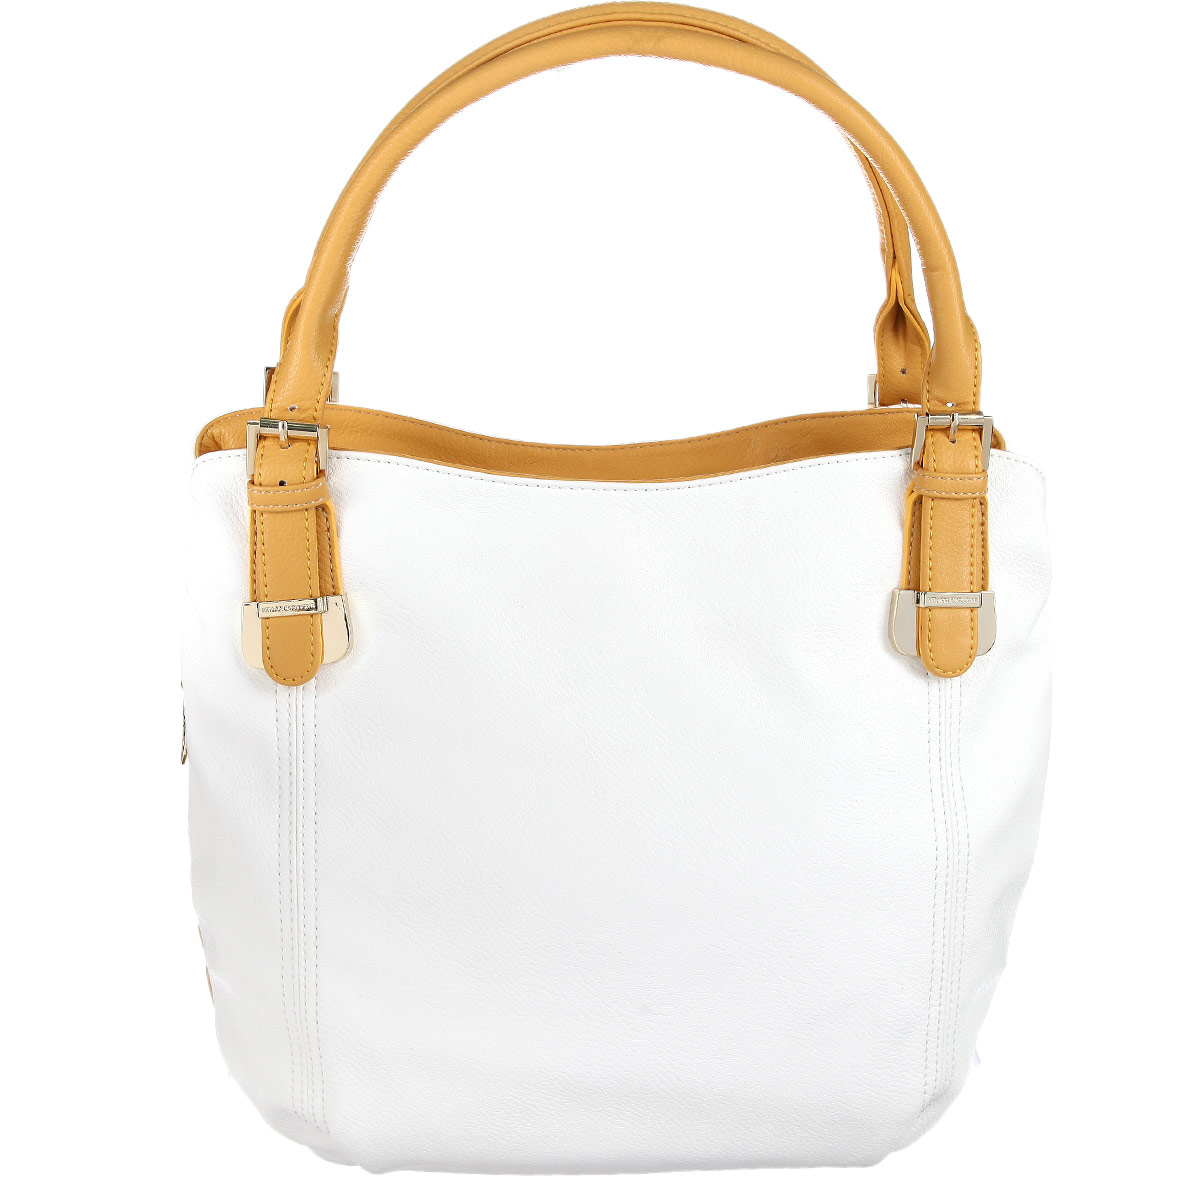 Сумка женская Vitacci, цвет: белый, желтый. VE037410963-10Изысканная женская сумка Vitacci выполнена из высококачественной экокожи. Сумка закрывается на пластиковую застежку-молнию. Внутри - большое отделение с большим карманом на застежке-молнии, небольшой втачной кармашек на застежке-молнии и два накладных кармашка для телефона, мелочей. На задней стенке - втачной карман на застежке-молнии. Роскошная сумка внесет элегантные нотки в ваш образ и подчеркнет ваше отменное чувство стиля.